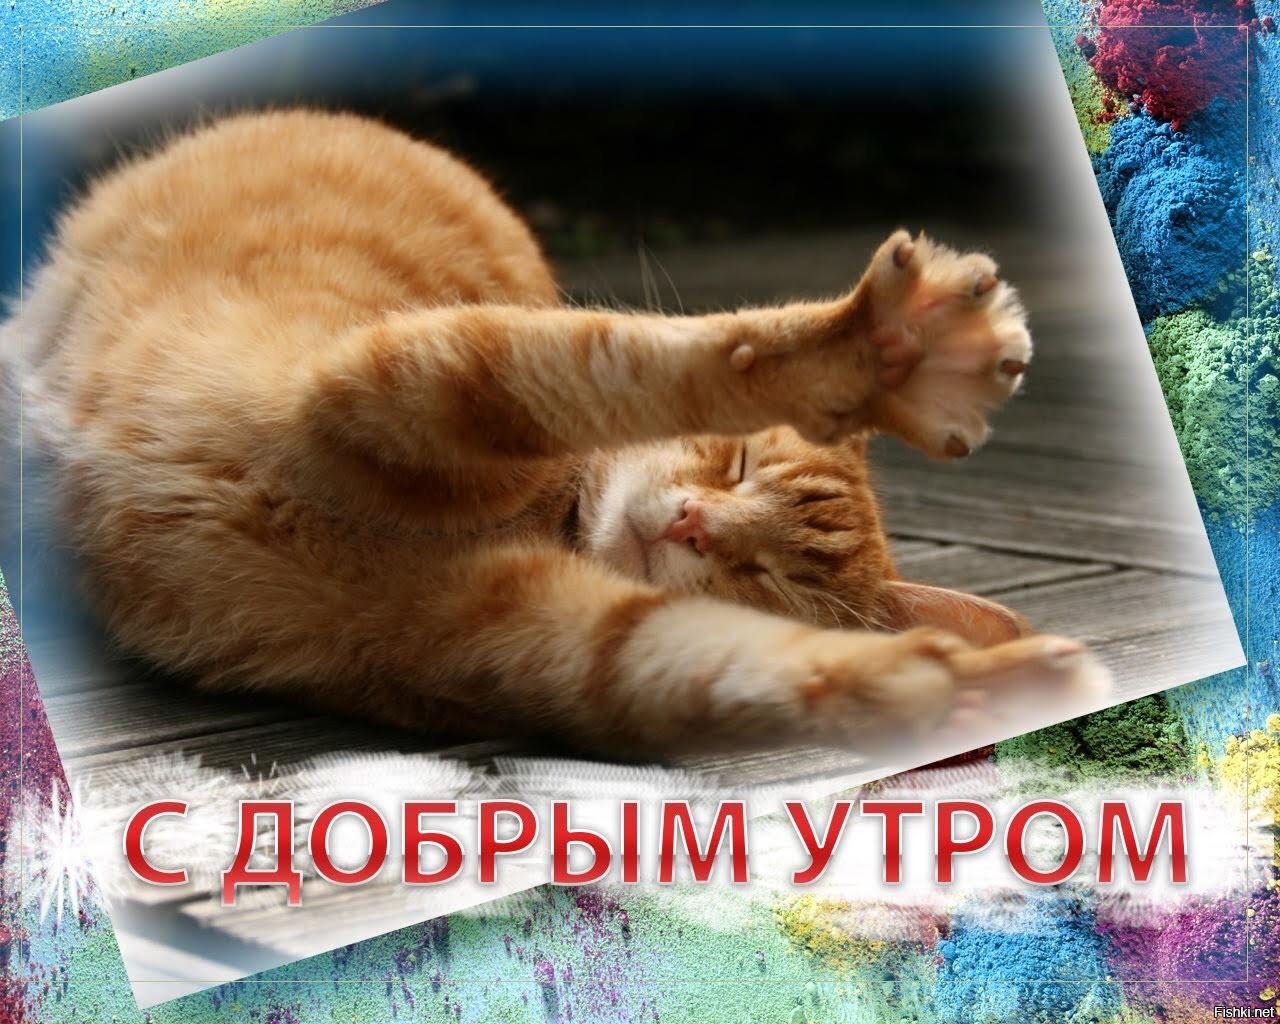 http://fishki.net/upload/users/2015/10/22/782370/5d6380f70f603aa96074647b8c986ee0.jpg